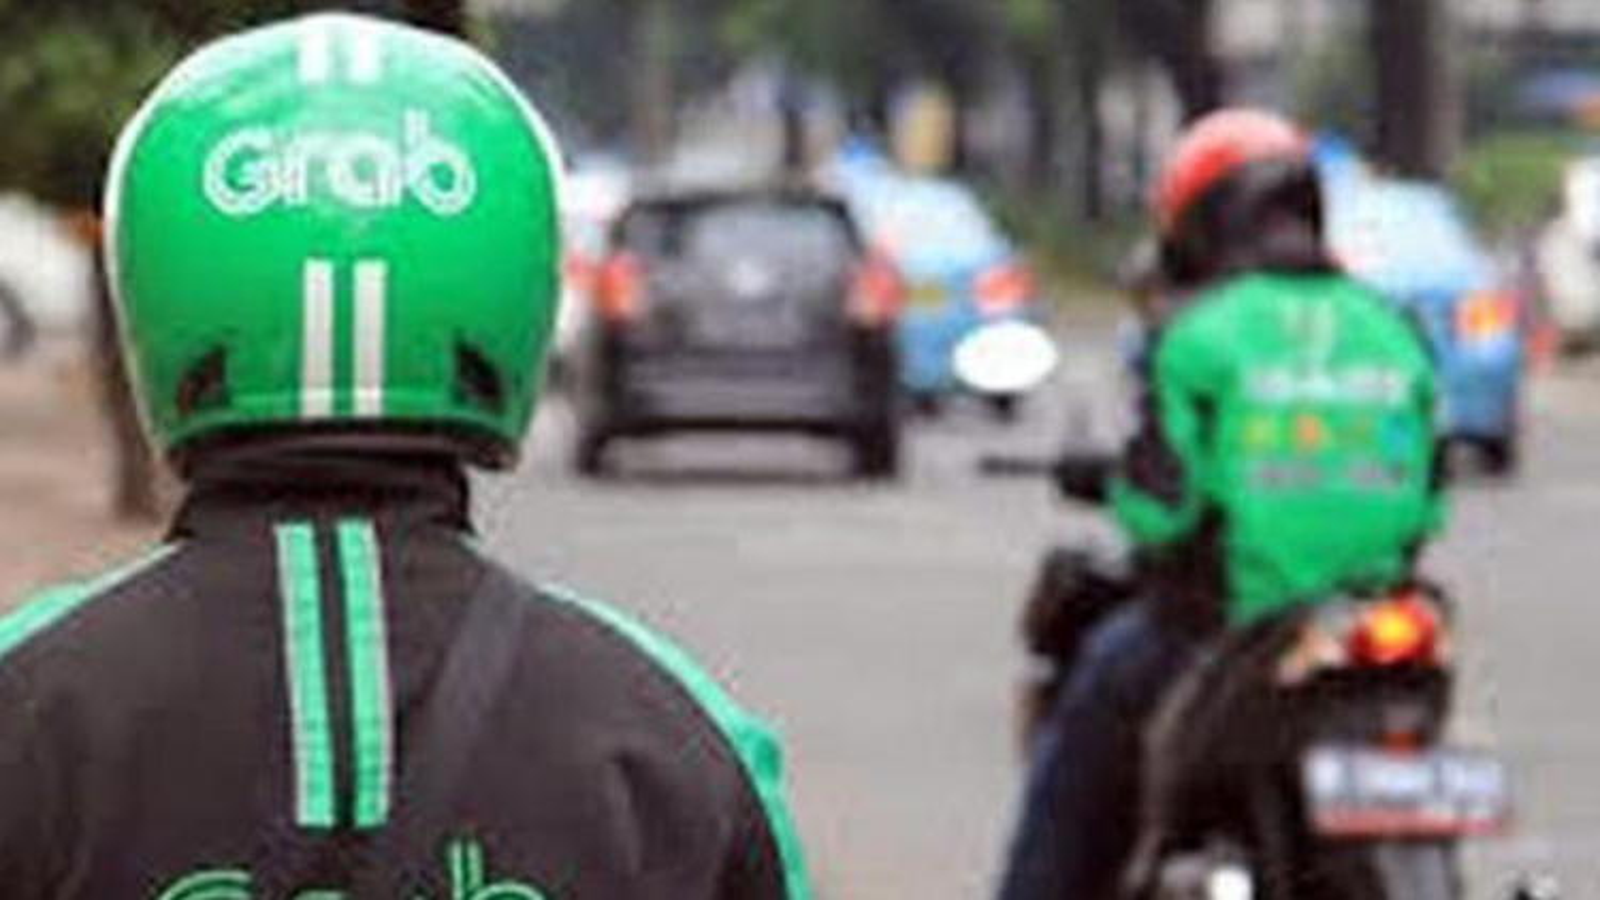 Quảng Trị: Bắt nghi phạm vụ đâm chết tài xế xe ôm tại Khánh Hòa